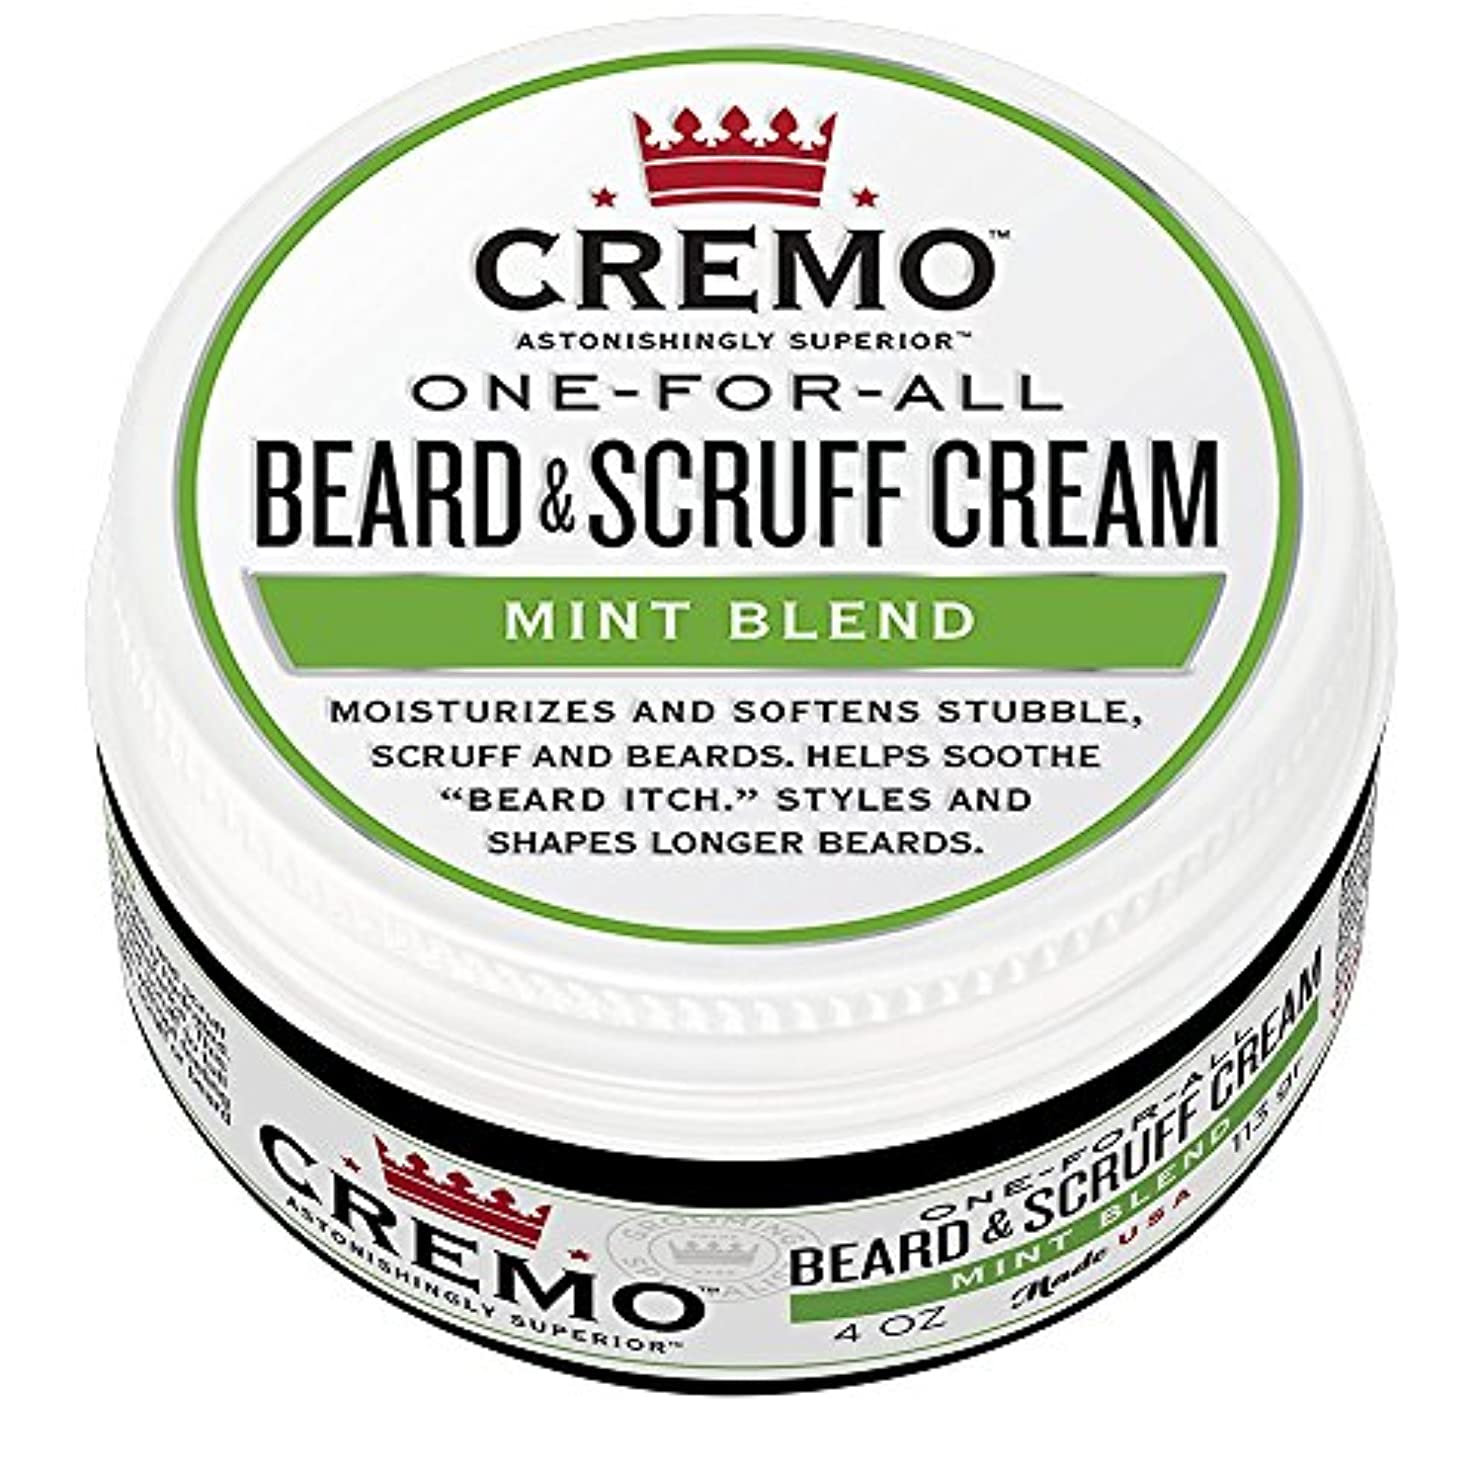 衝動ミキサー電化するCremo ビアード&首筋クリーム、ミントのブレンドの香り、潤い、スタイルとひげのすべての長さについてはビアードかゆみを軽減し、4オンスをブレンド、包装は変更になる場合があります